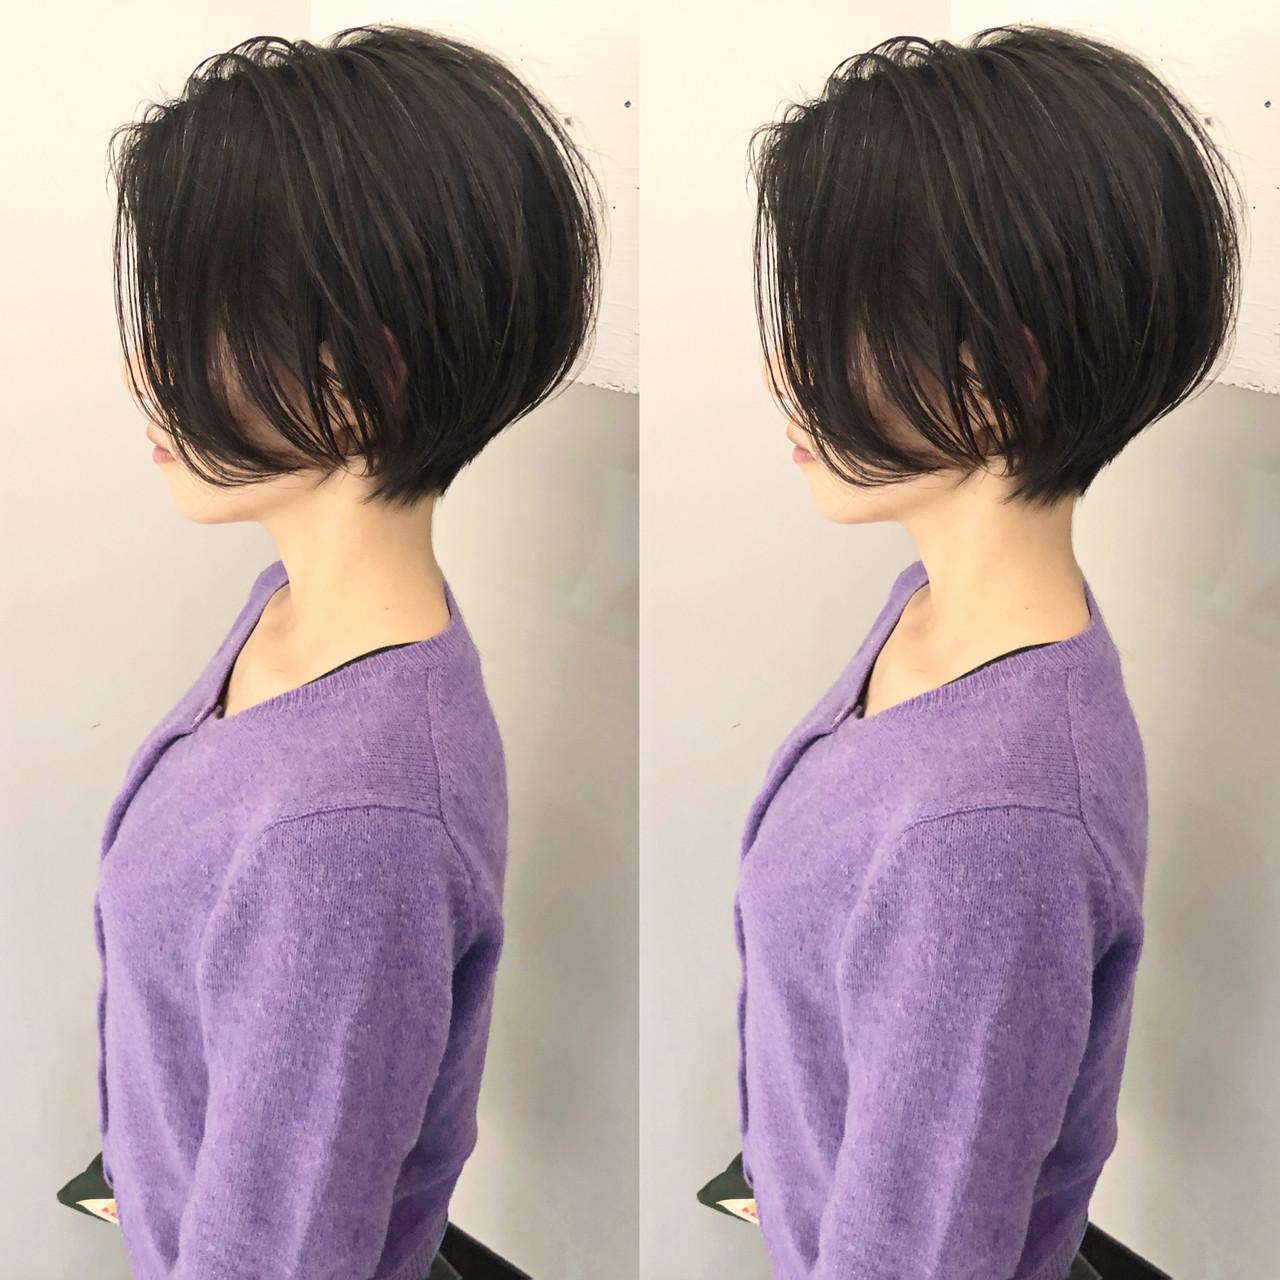 切りっぱなしボブ ショートボブ ミニボブ ナチュラル ヘアスタイルや髪型の写真・画像 | カネコミキヒロ / Neolive aim 横浜西口店